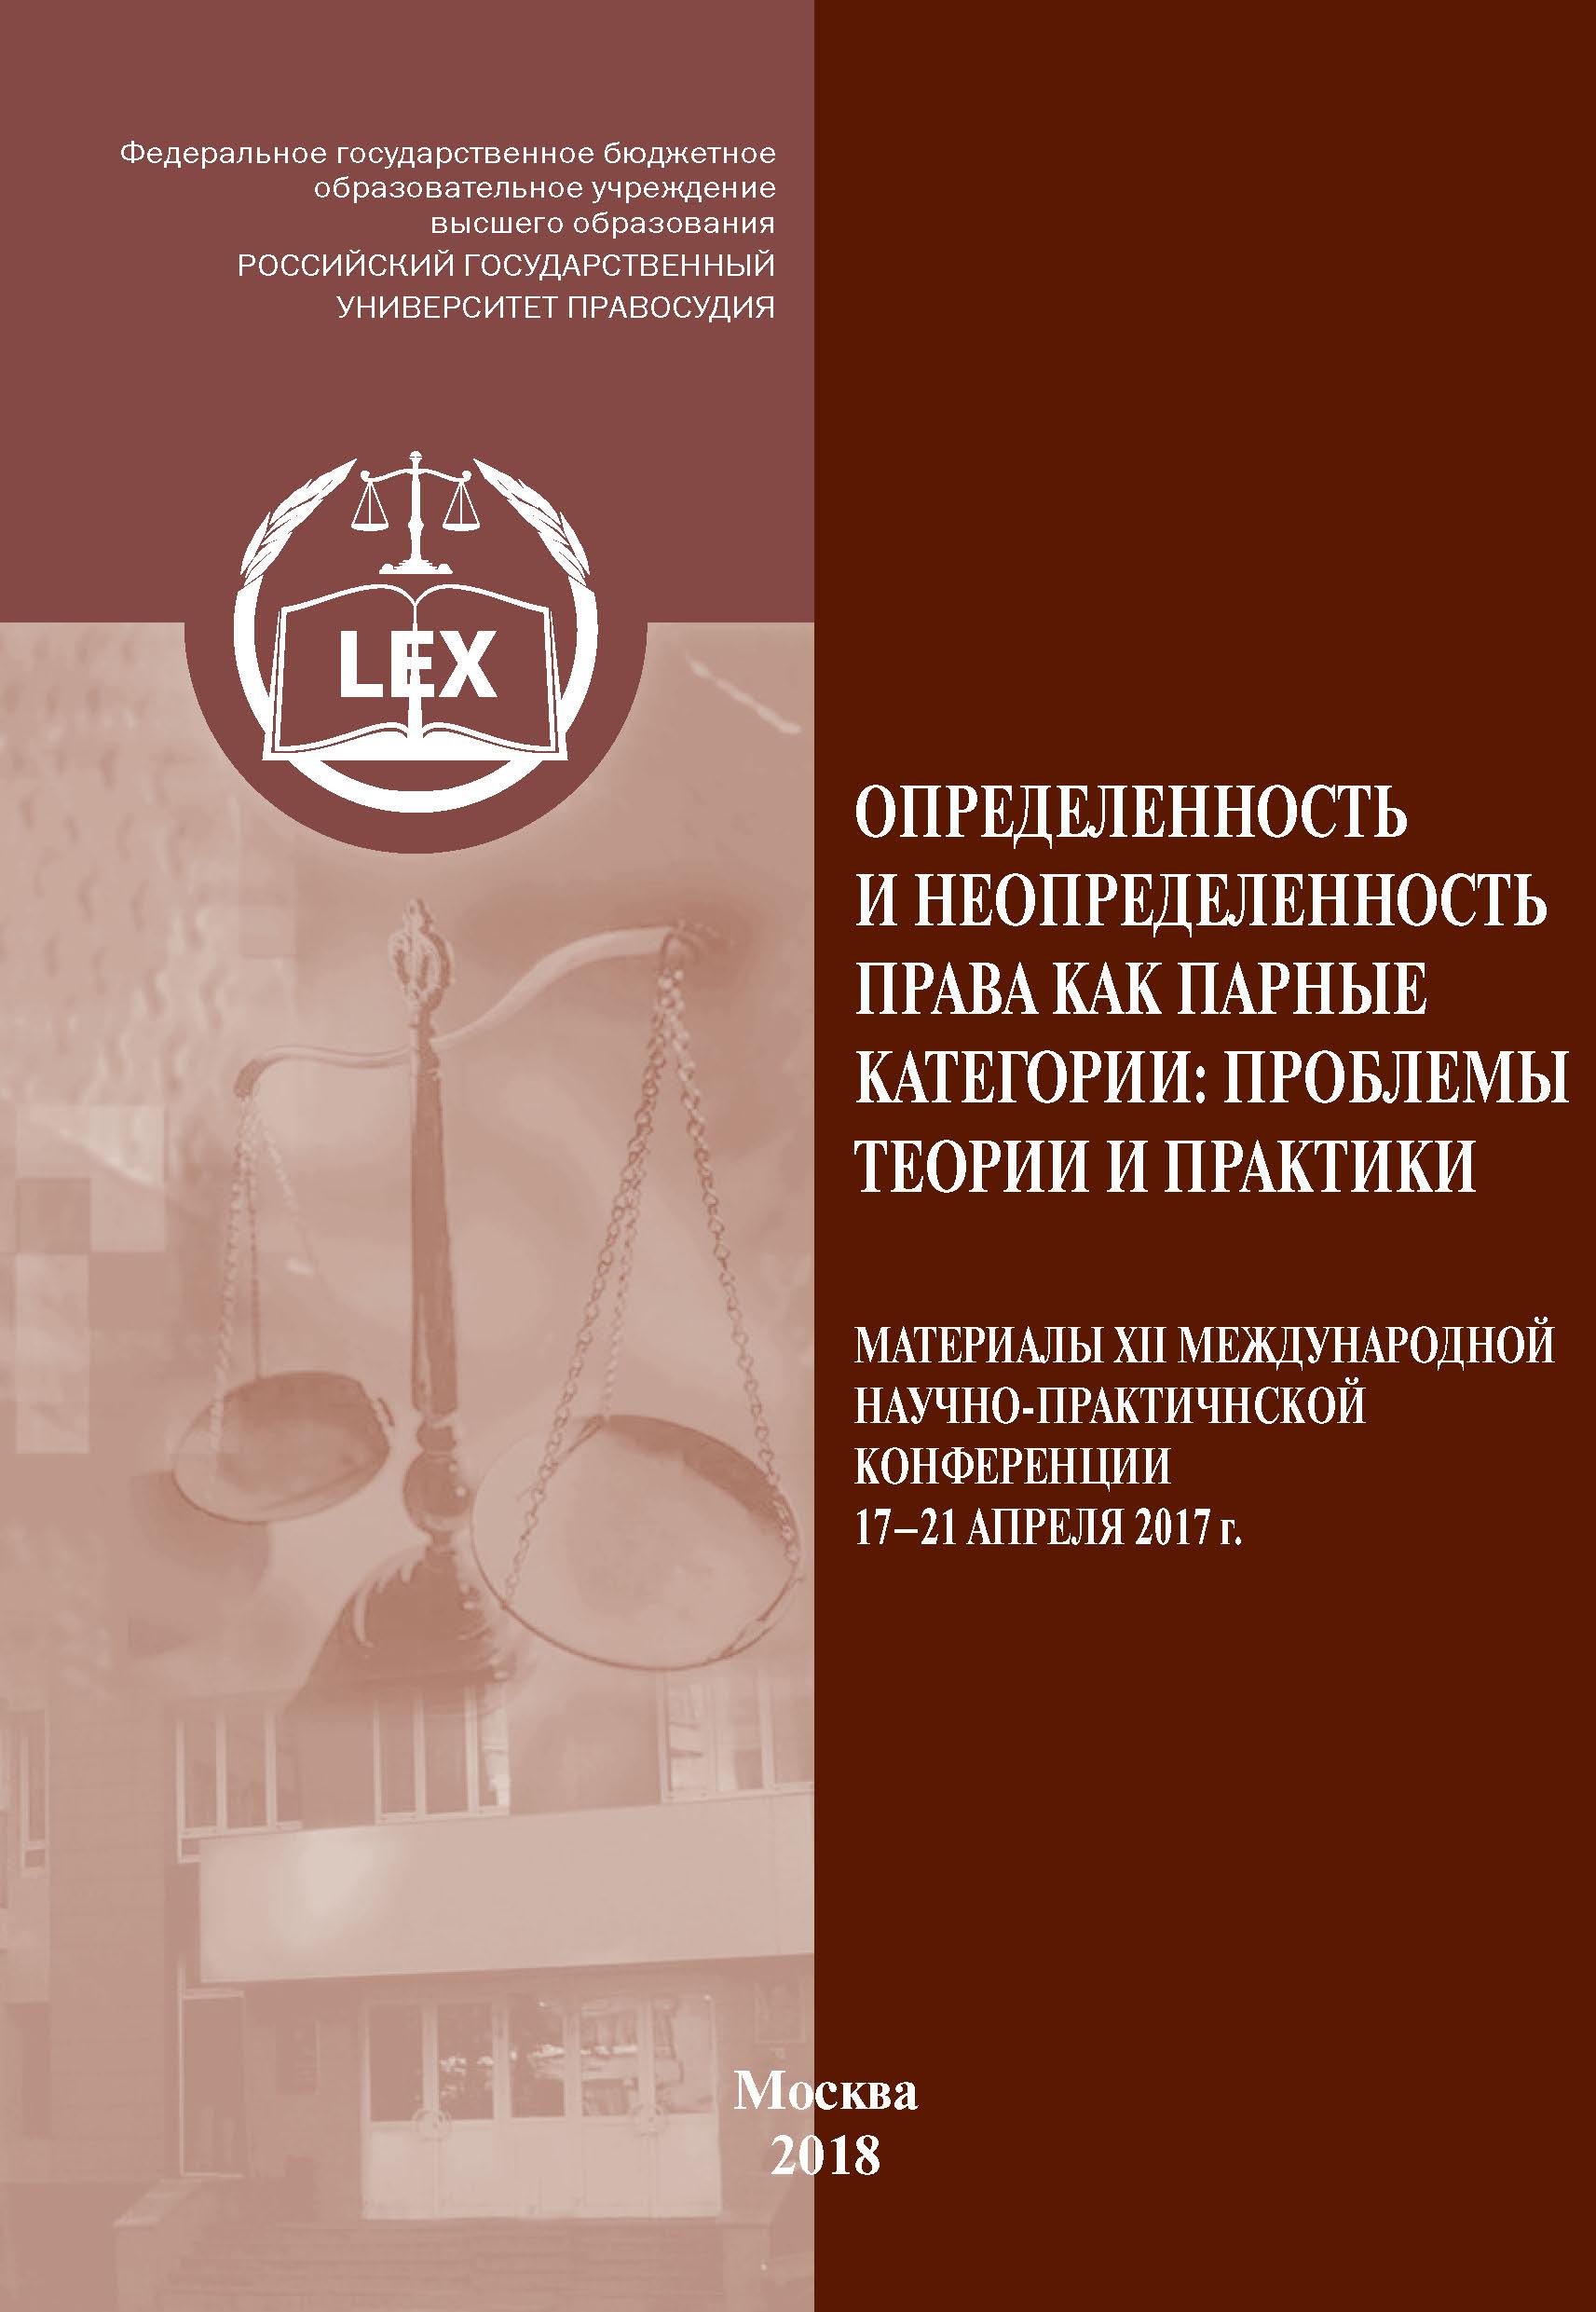 Сборник статей Определенность и неопределенность права как парные категории: проблемы теории и практики сборник статей vox juris глас права